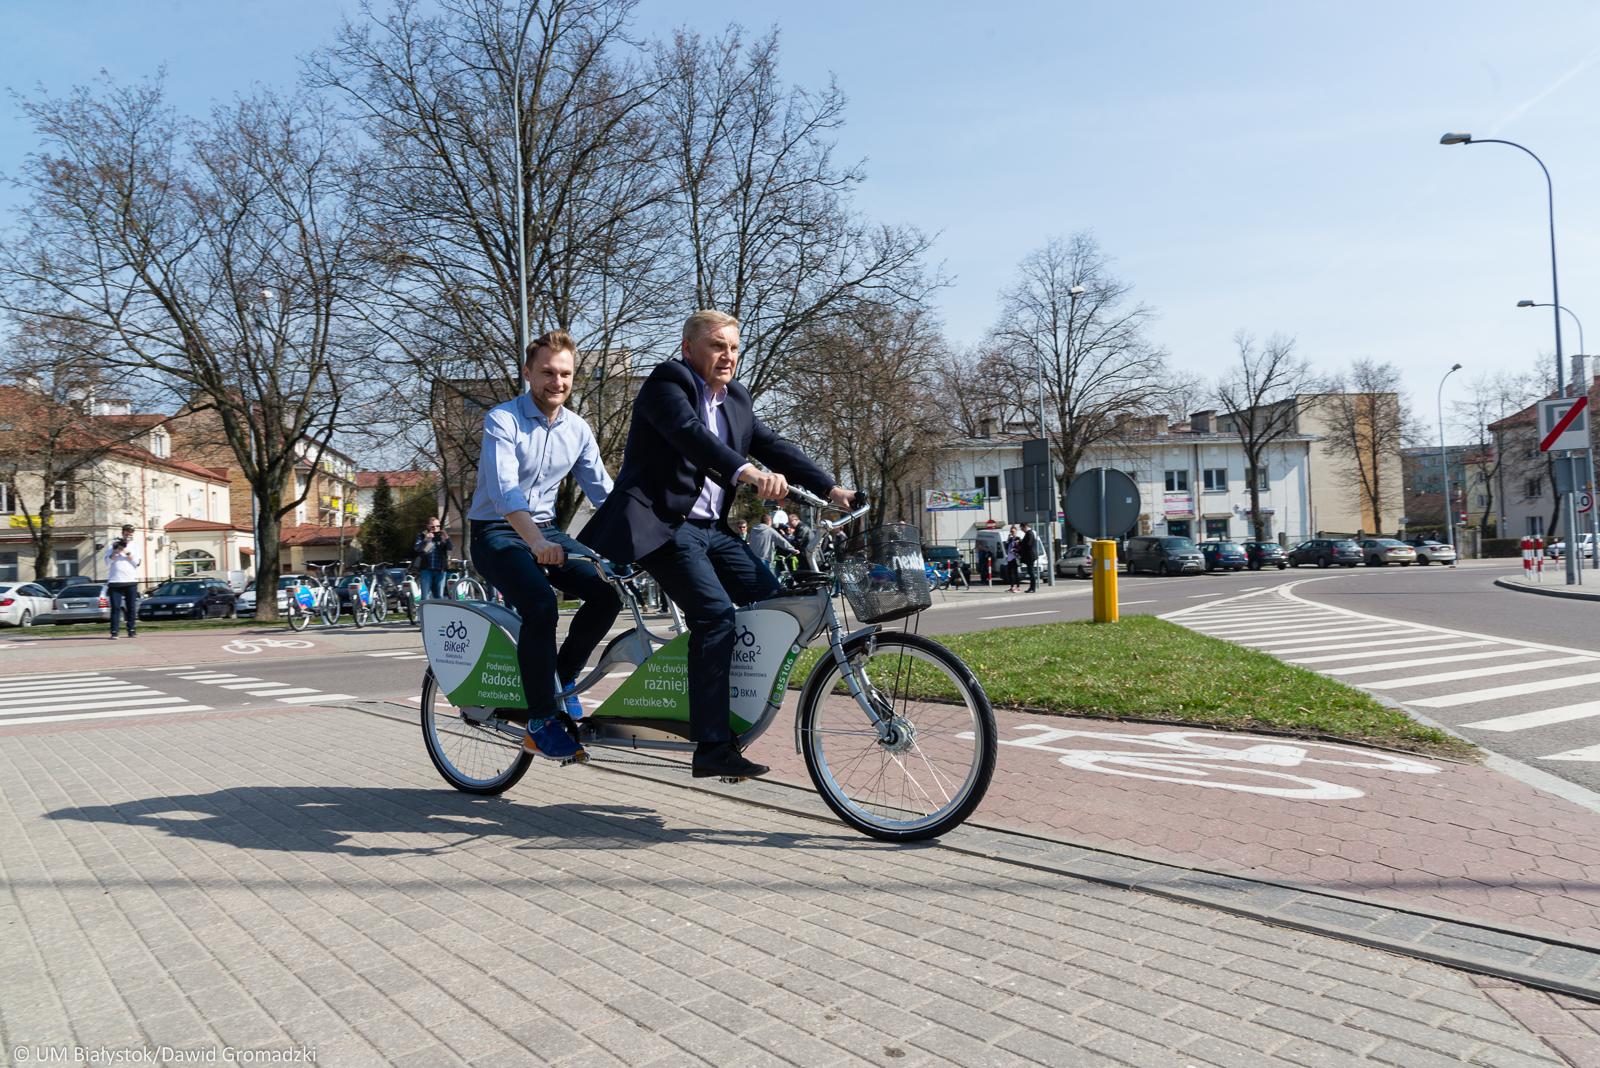 W ofercie jest pół tysiąca rowerów klasycznych - jednoosobowych, a także 20 tandemów oraz 20 rowerków dla dzieci, rozlokowanych w 50 stacjach (fot.bialystok.pl)